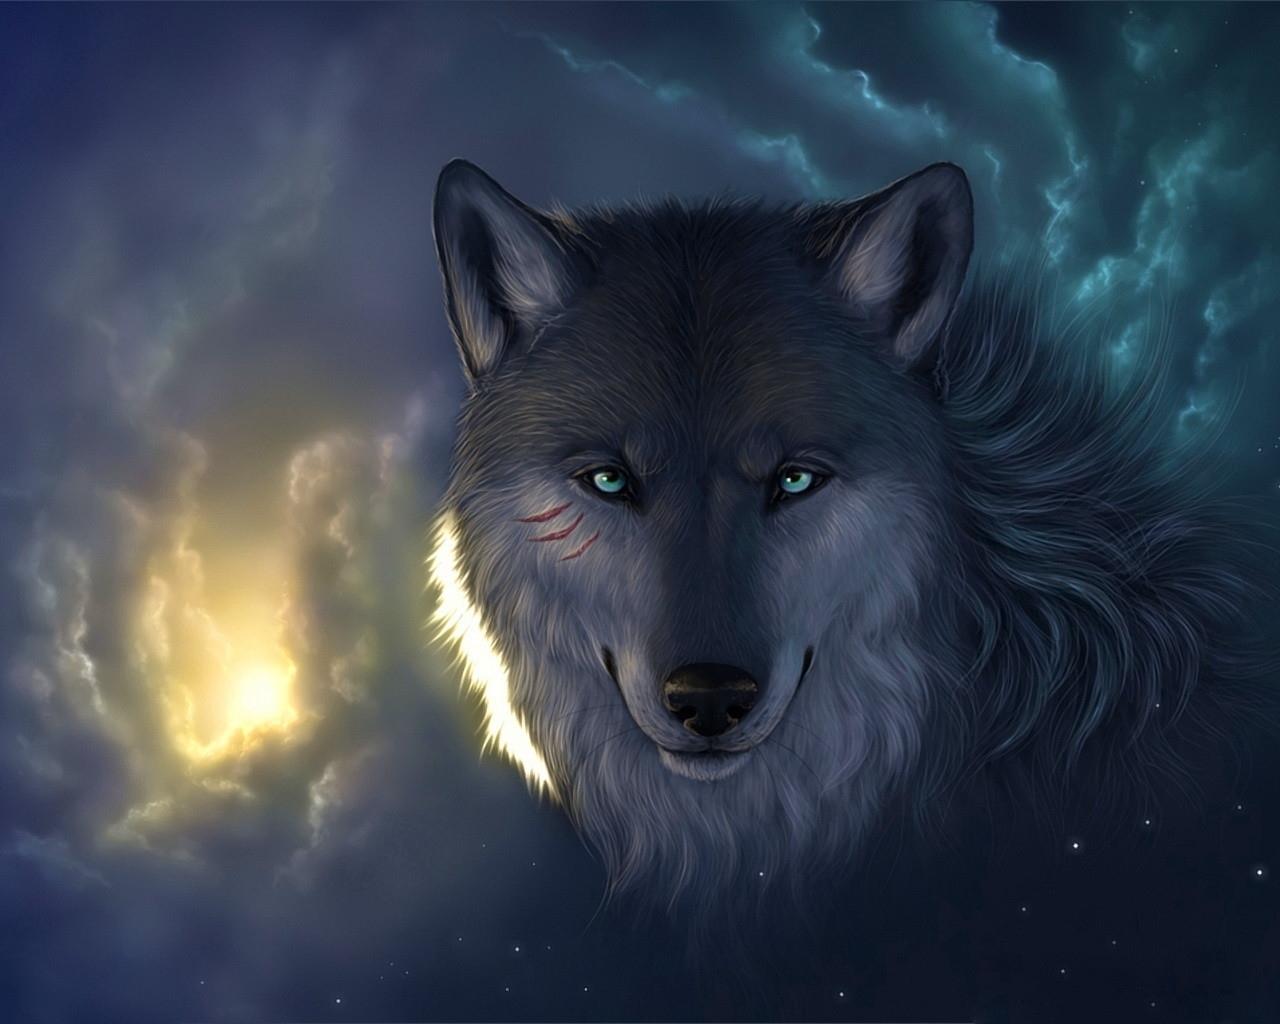 Картинки Волки скачать на рабочий стол бесплатно (14)